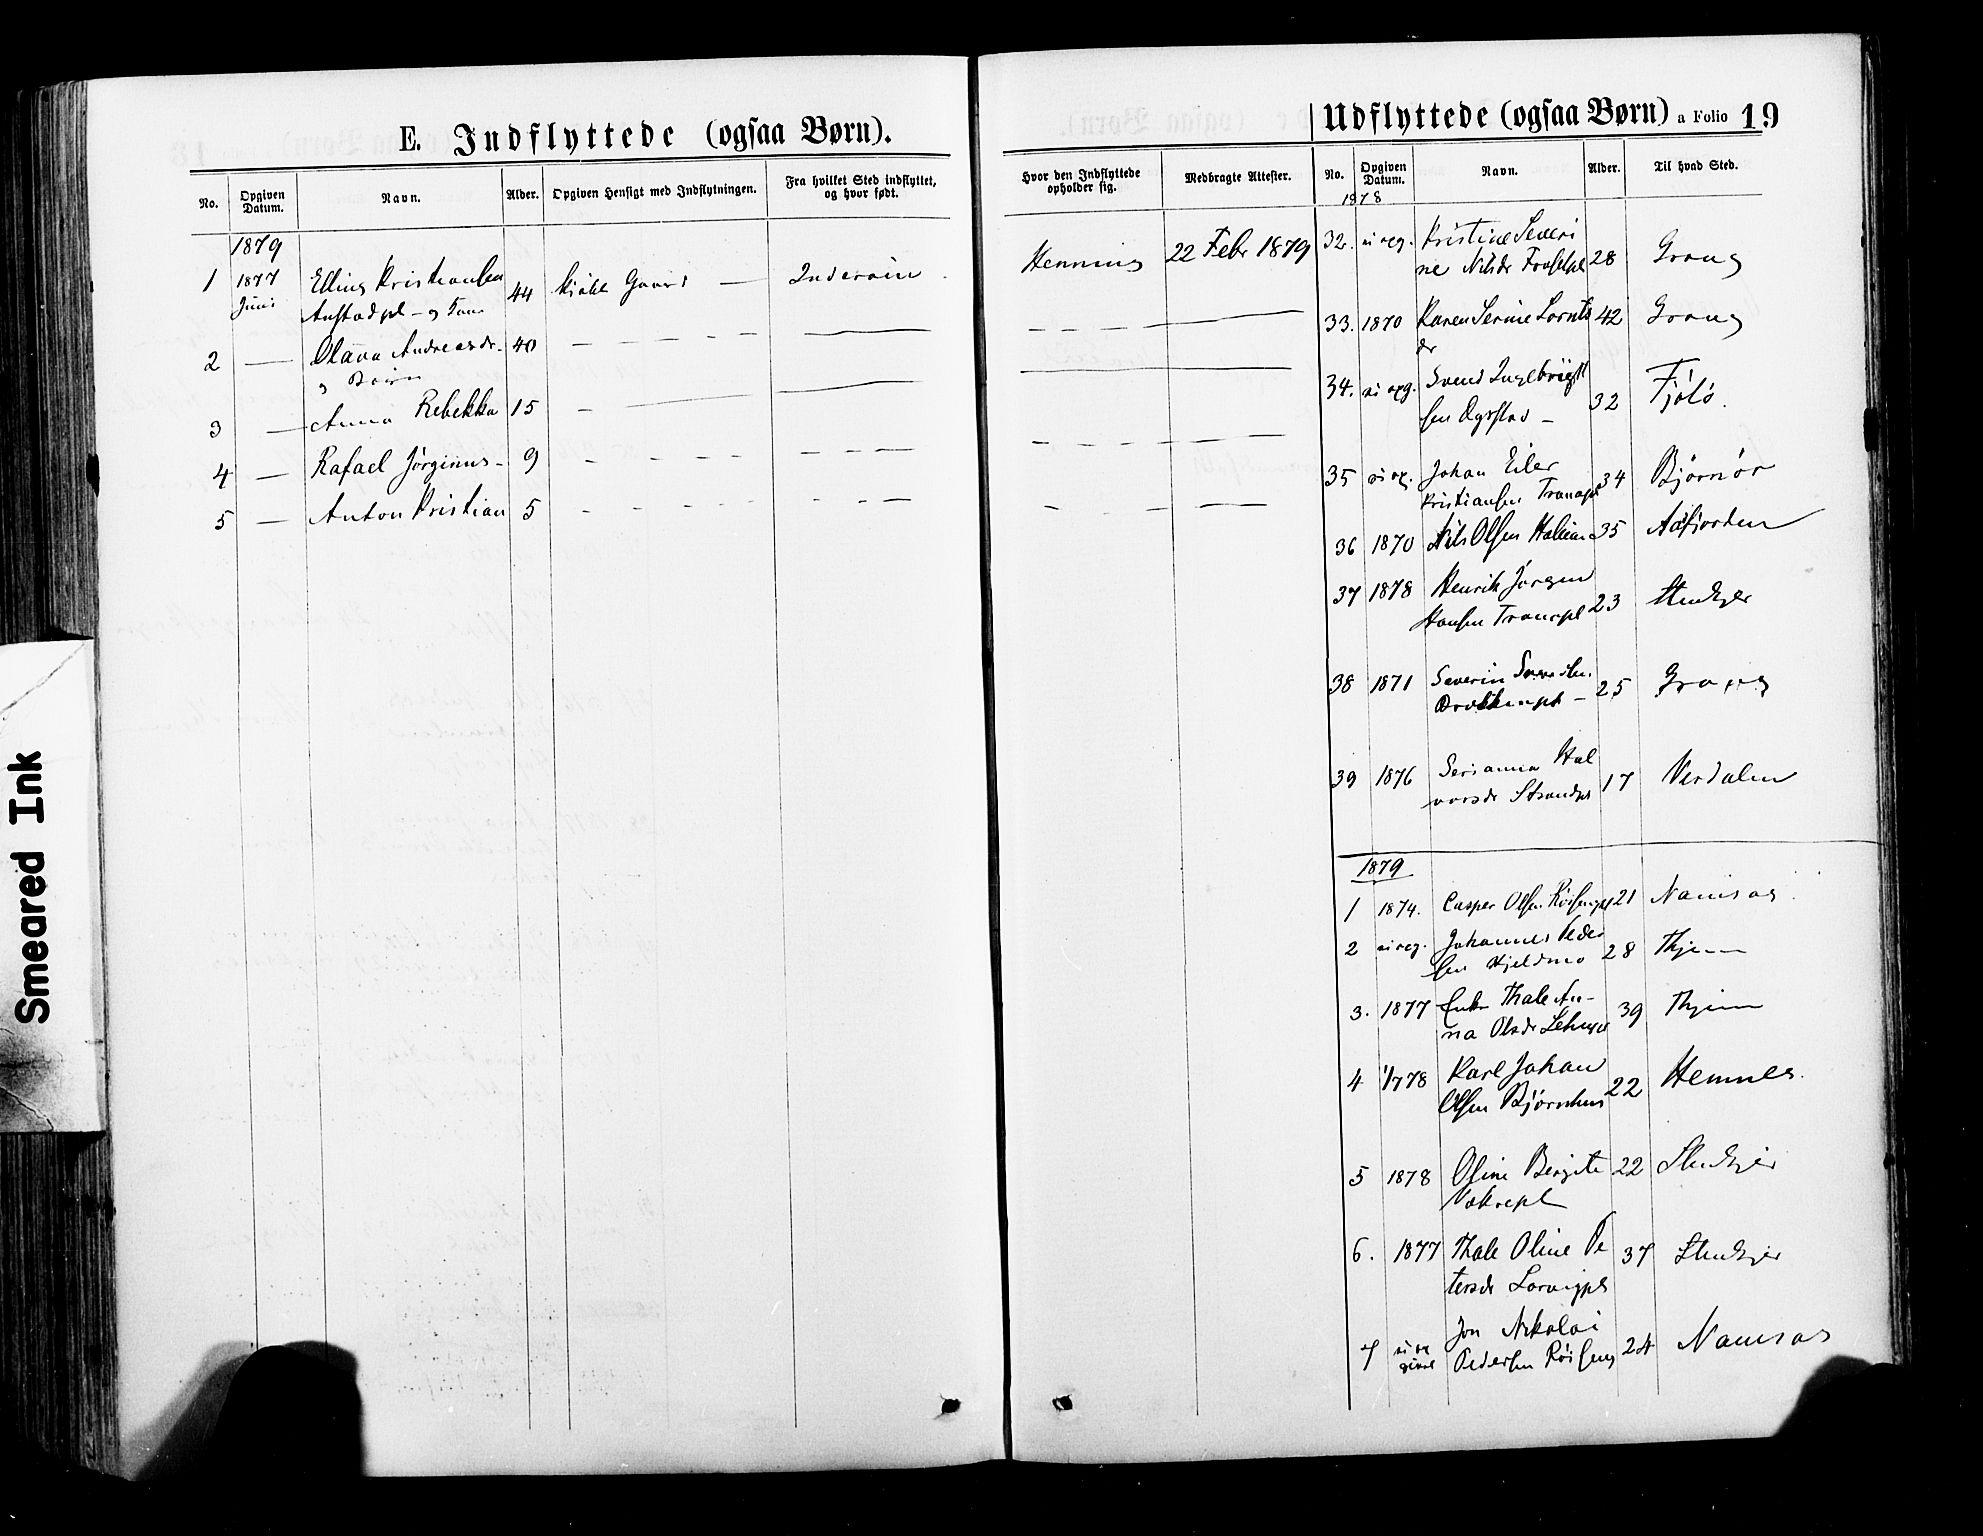 SAT, Ministerialprotokoller, klokkerbøker og fødselsregistre - Nord-Trøndelag, 735/L0348: Ministerialbok nr. 735A09 /1, 1873-1883, s. 19